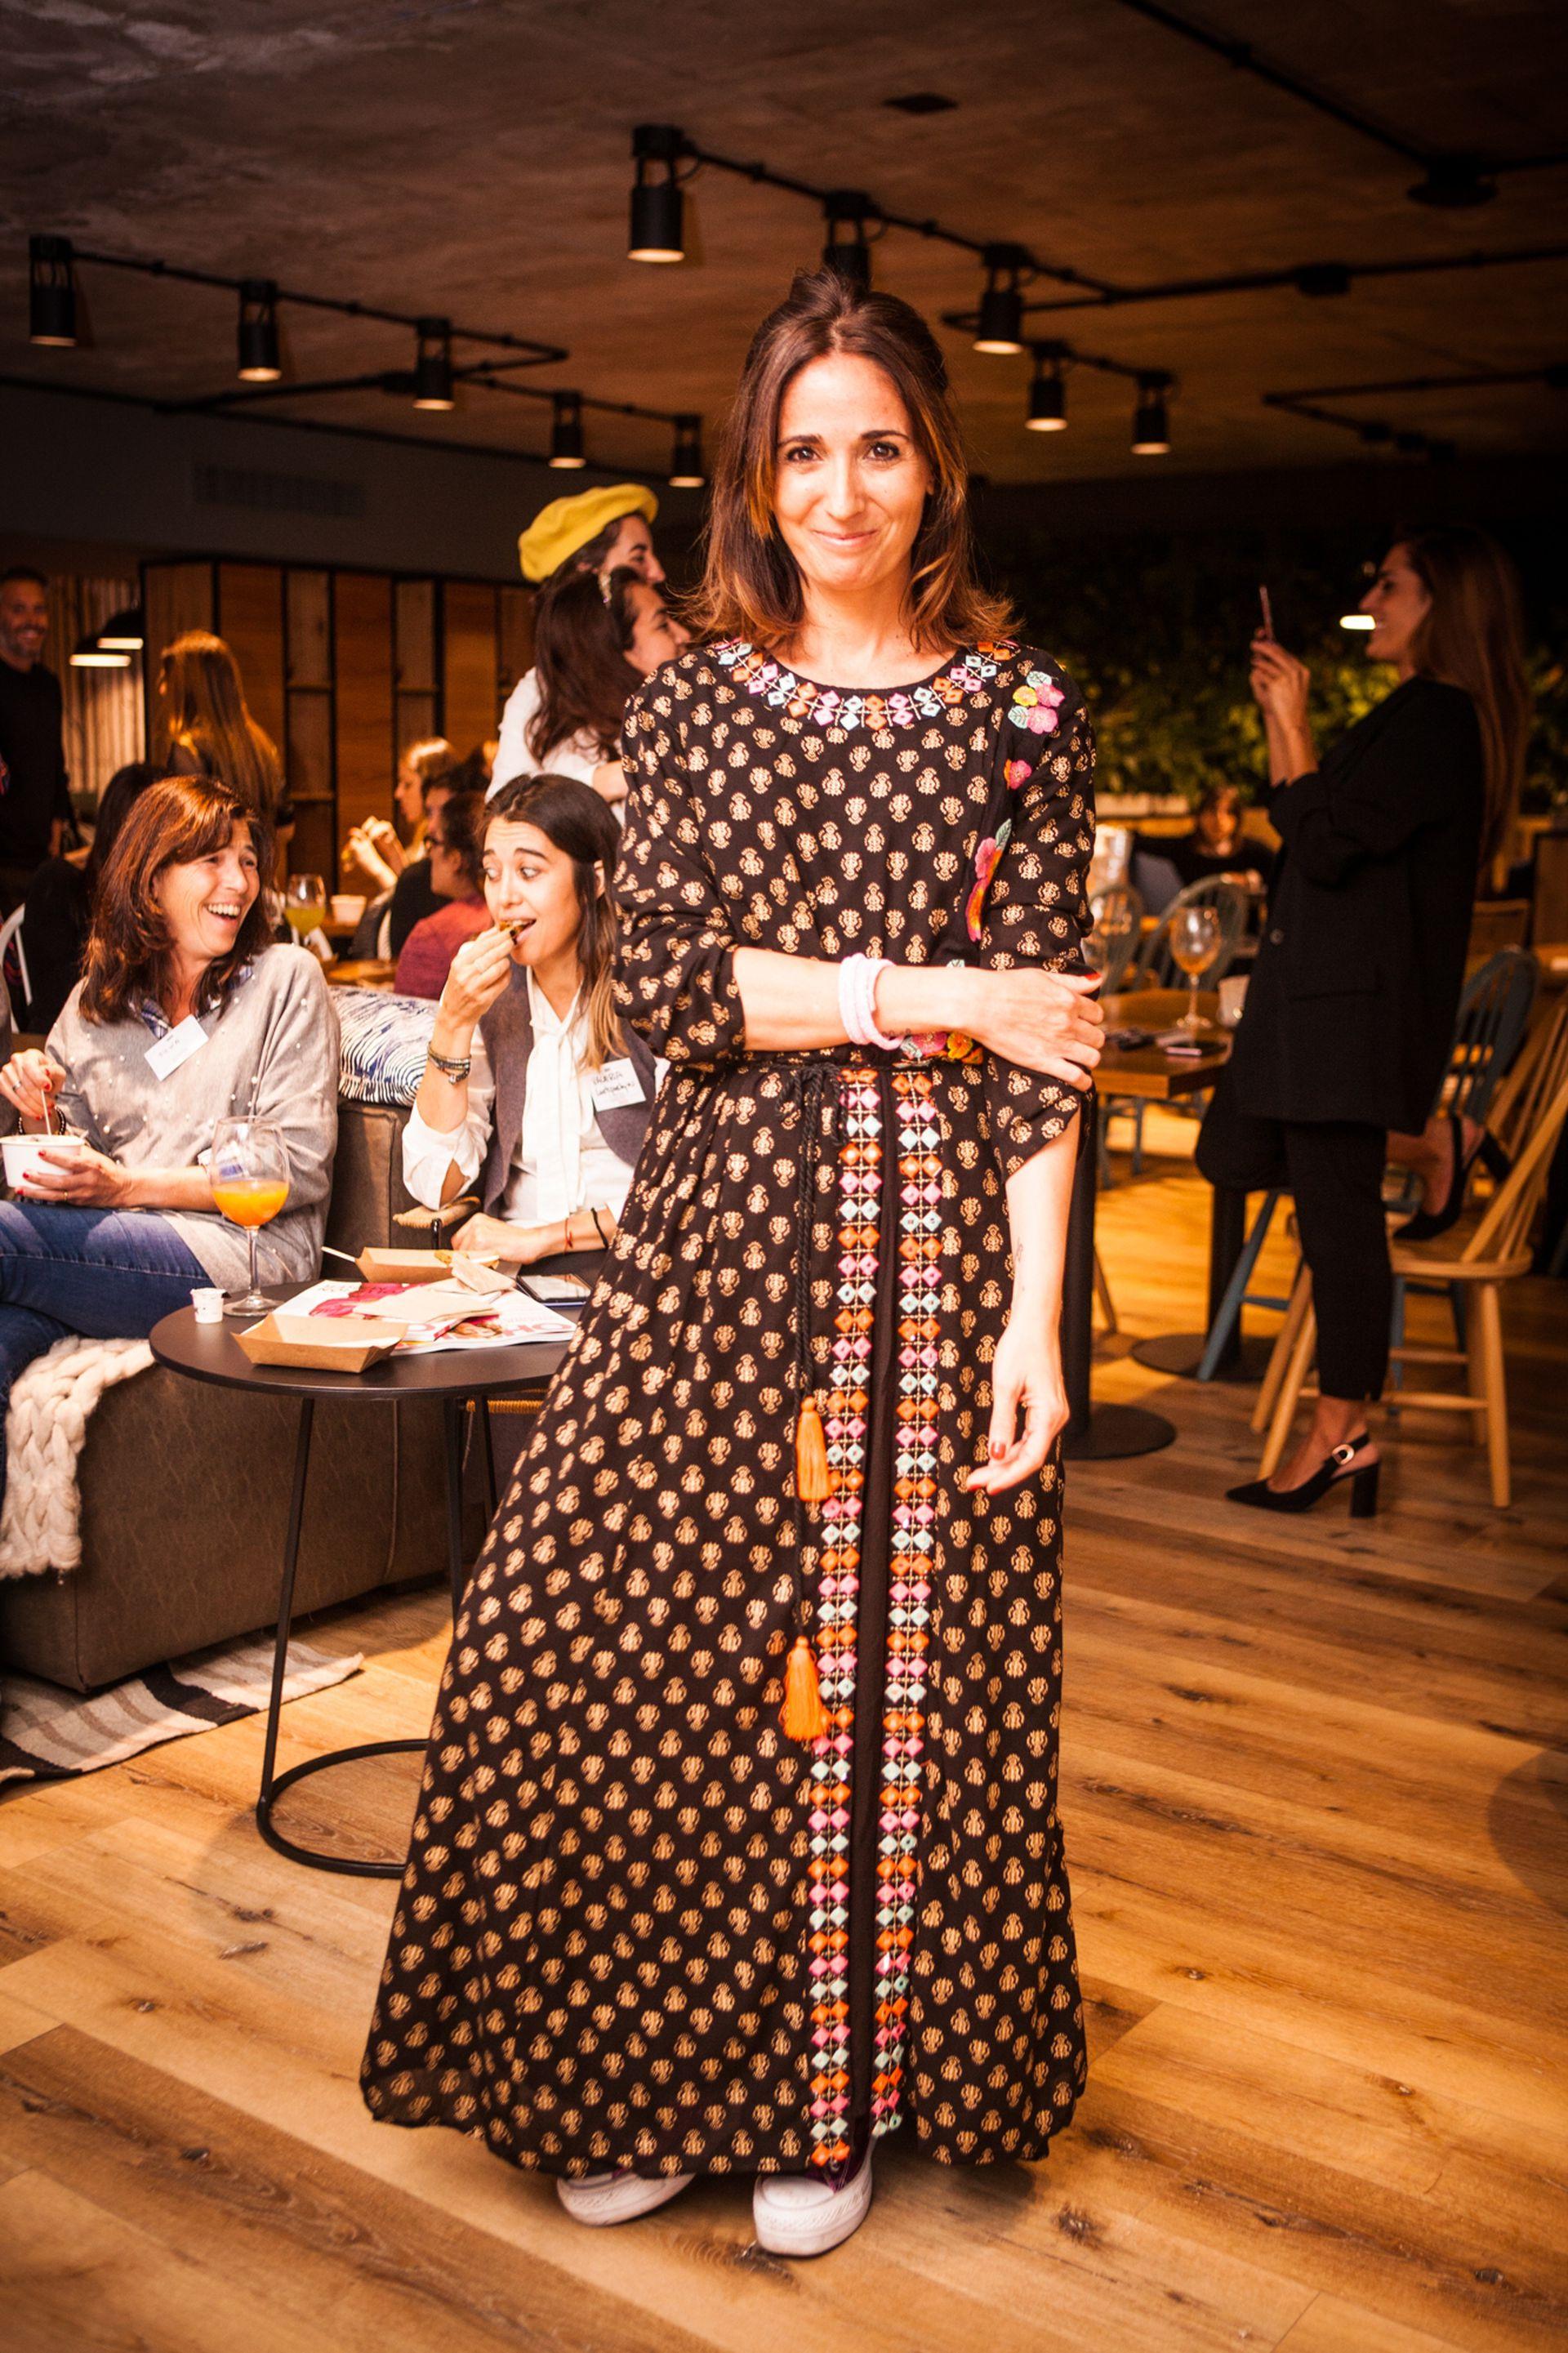 Nati Zubeldía es influencer, vive en México y tiene su propia tienda de accesorios. Ella también fue votada por las lectoras como una de las emprendedoras más influyentes.